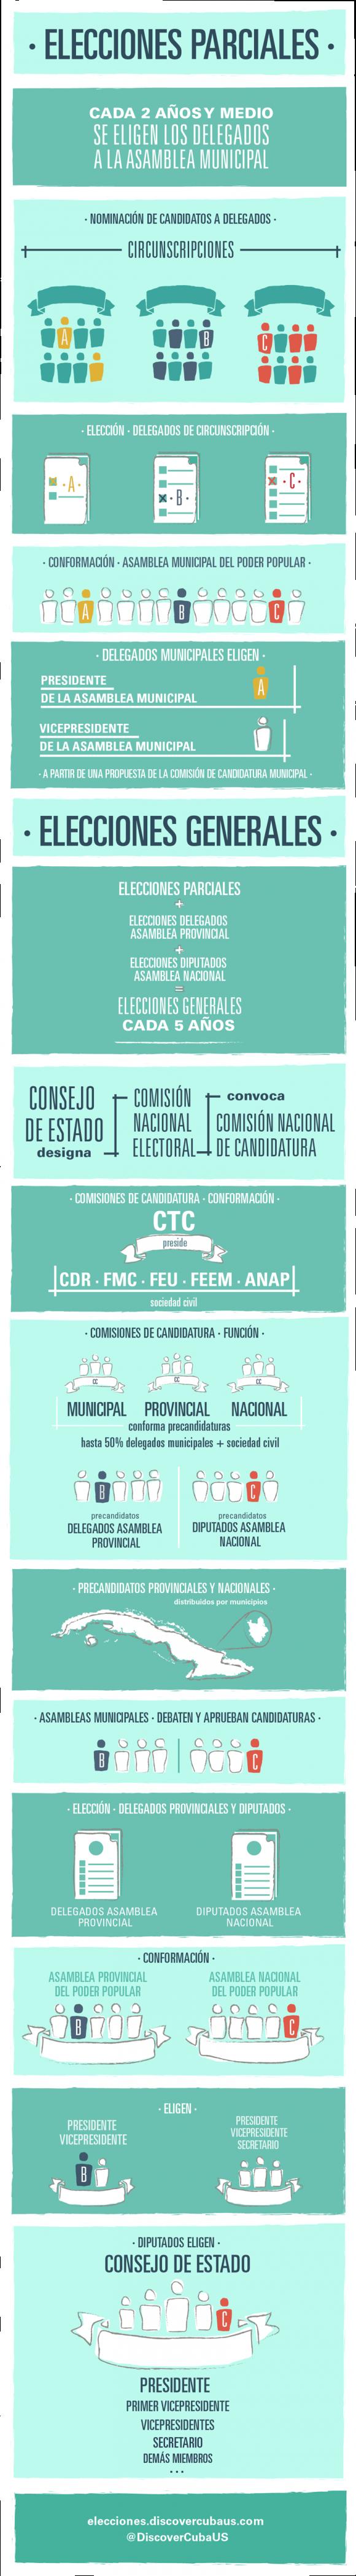 elecciones-cuba-PARCIALES-Y-GENERALES